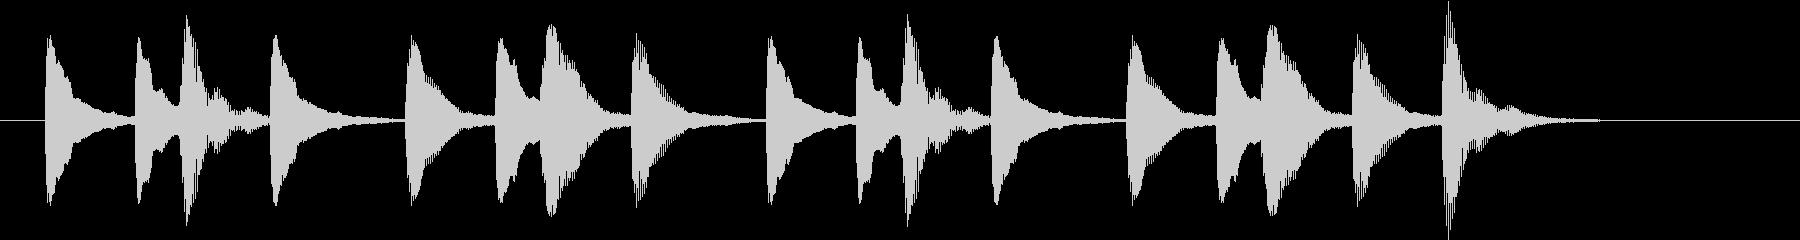 いつもと違うMarimbaの開演ベルの未再生の波形